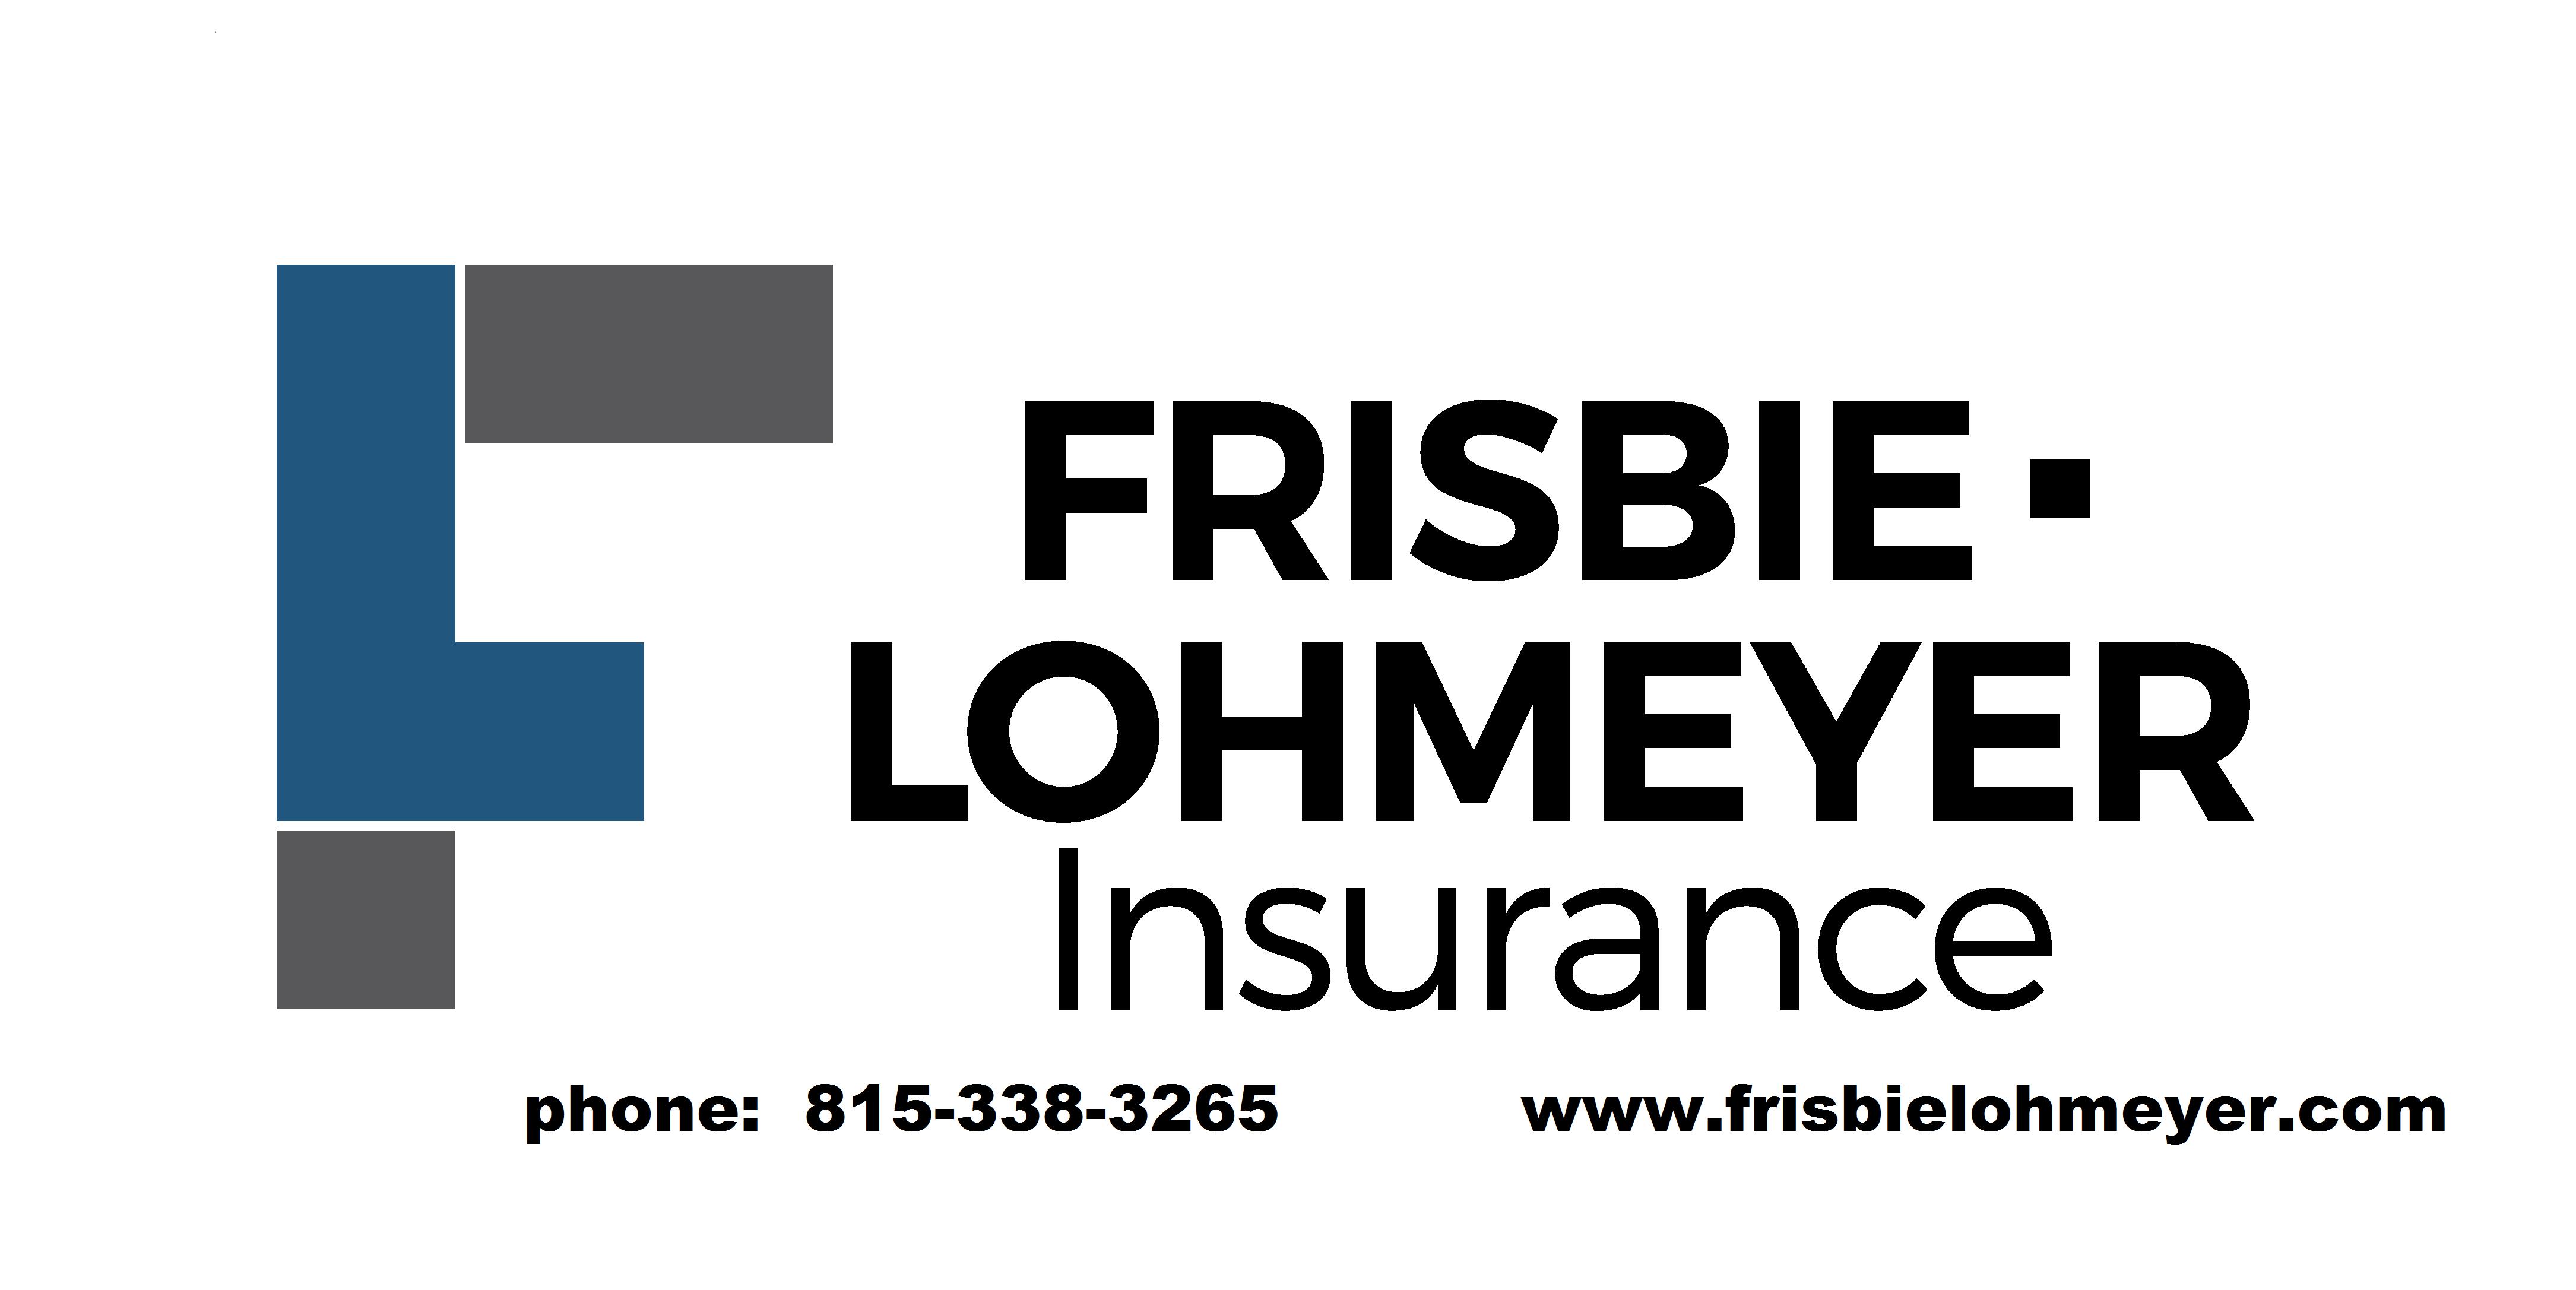 Frisbie Lohmeyer